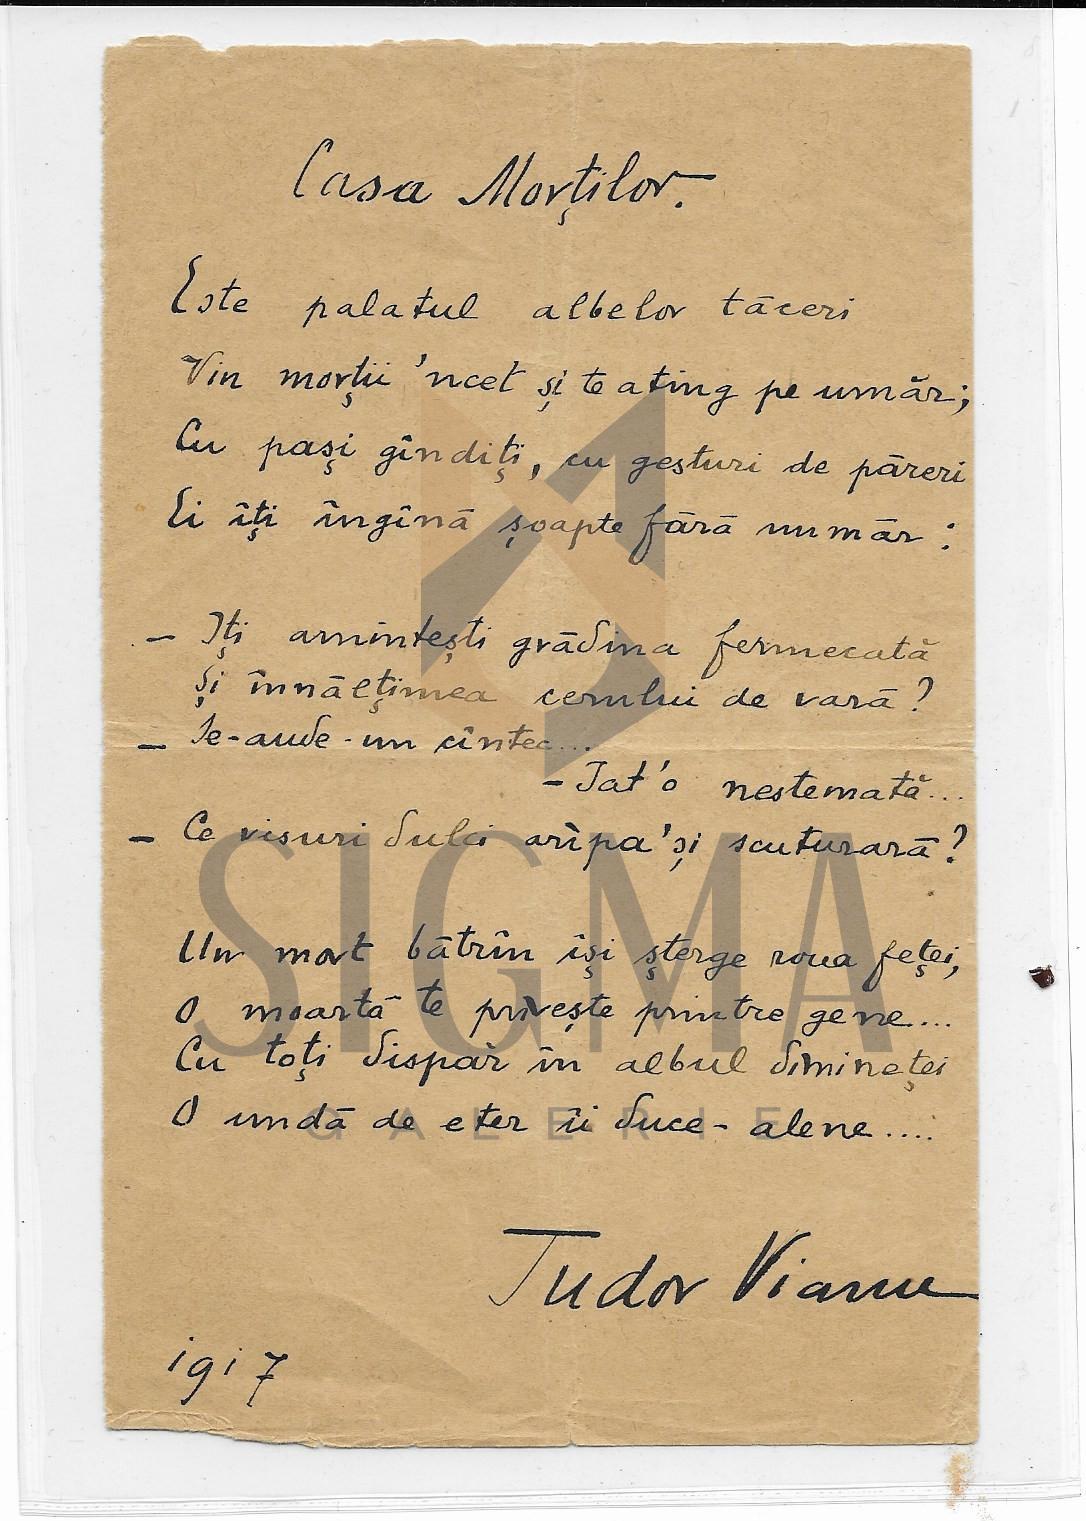 TUDOR VIANU, CASA MORTILOR, poezie manuscris, 1917